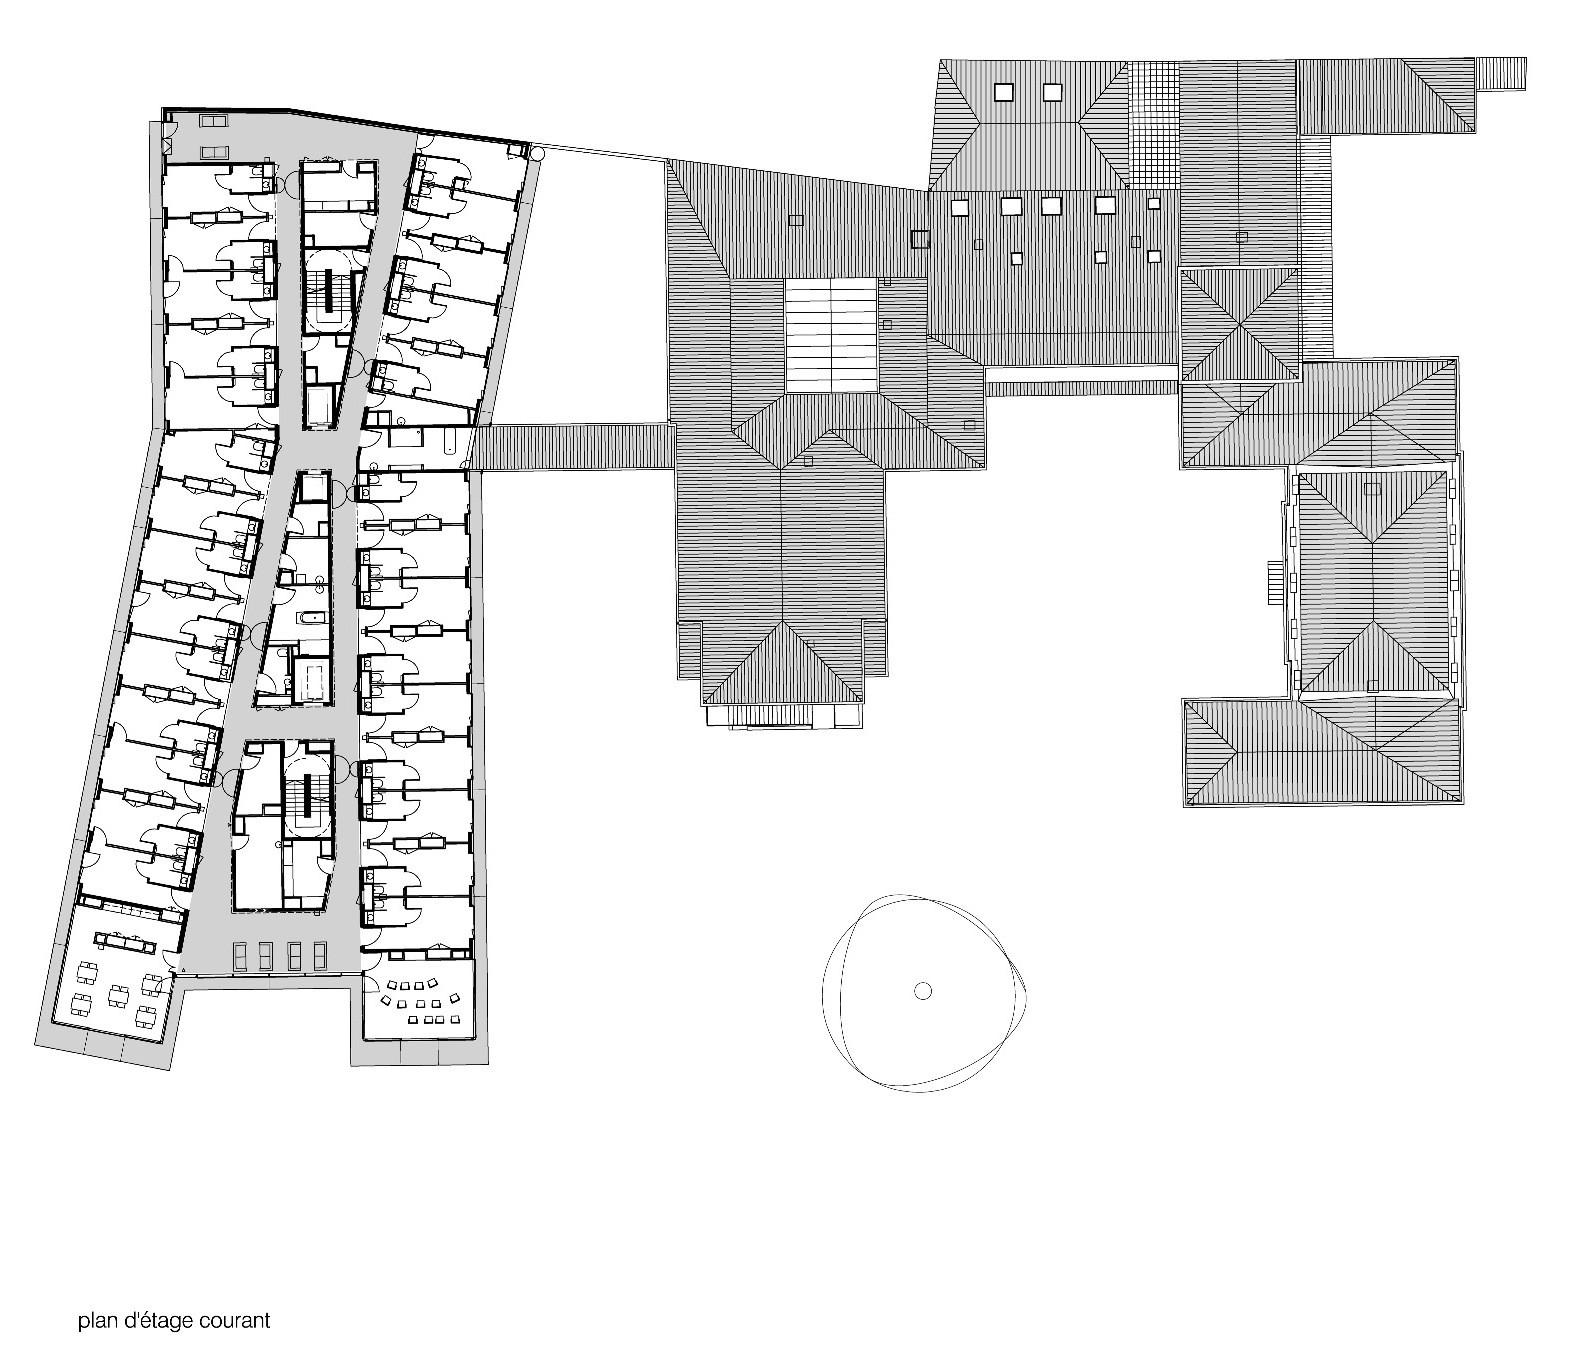 Gallery of maison de retraite philippe dubus architecte 19 for Plan architecte